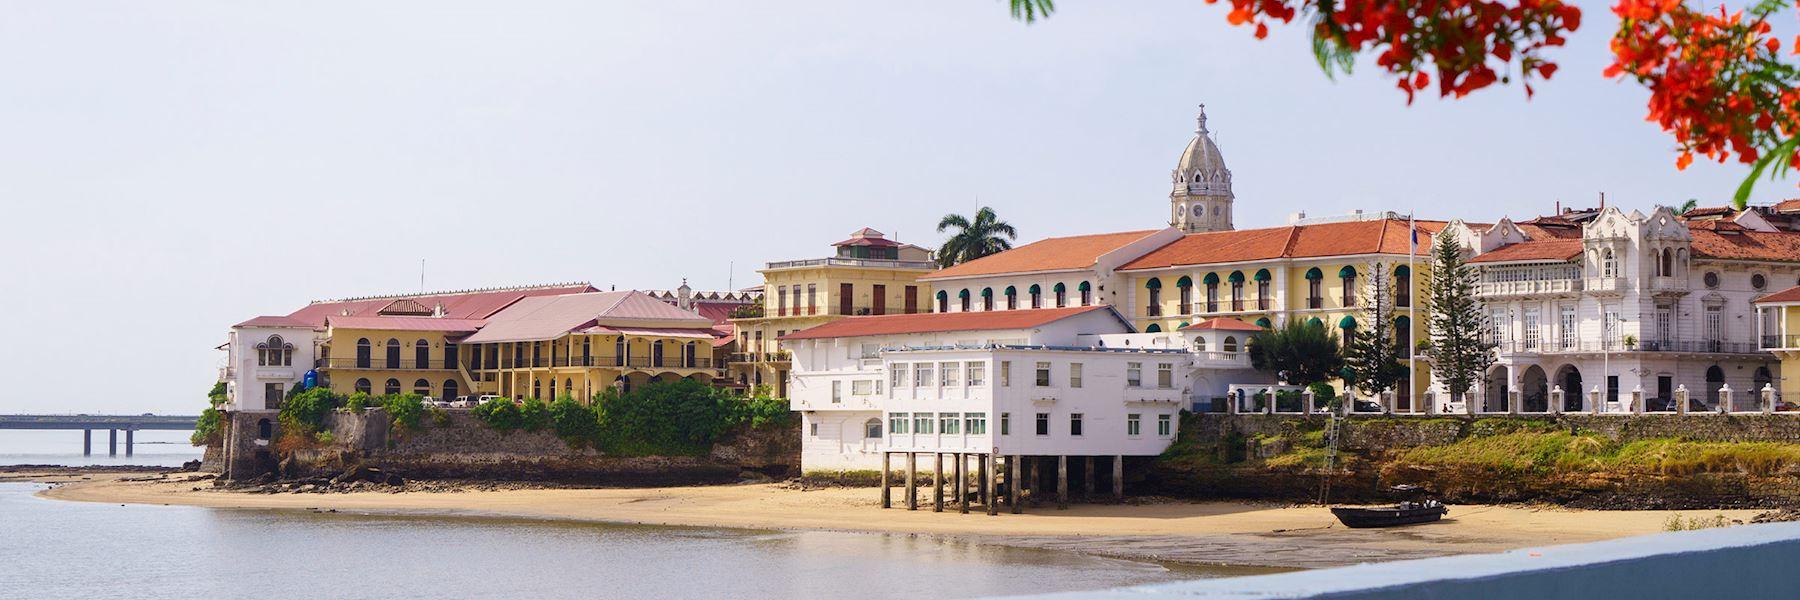 Visit Panama City, Panama